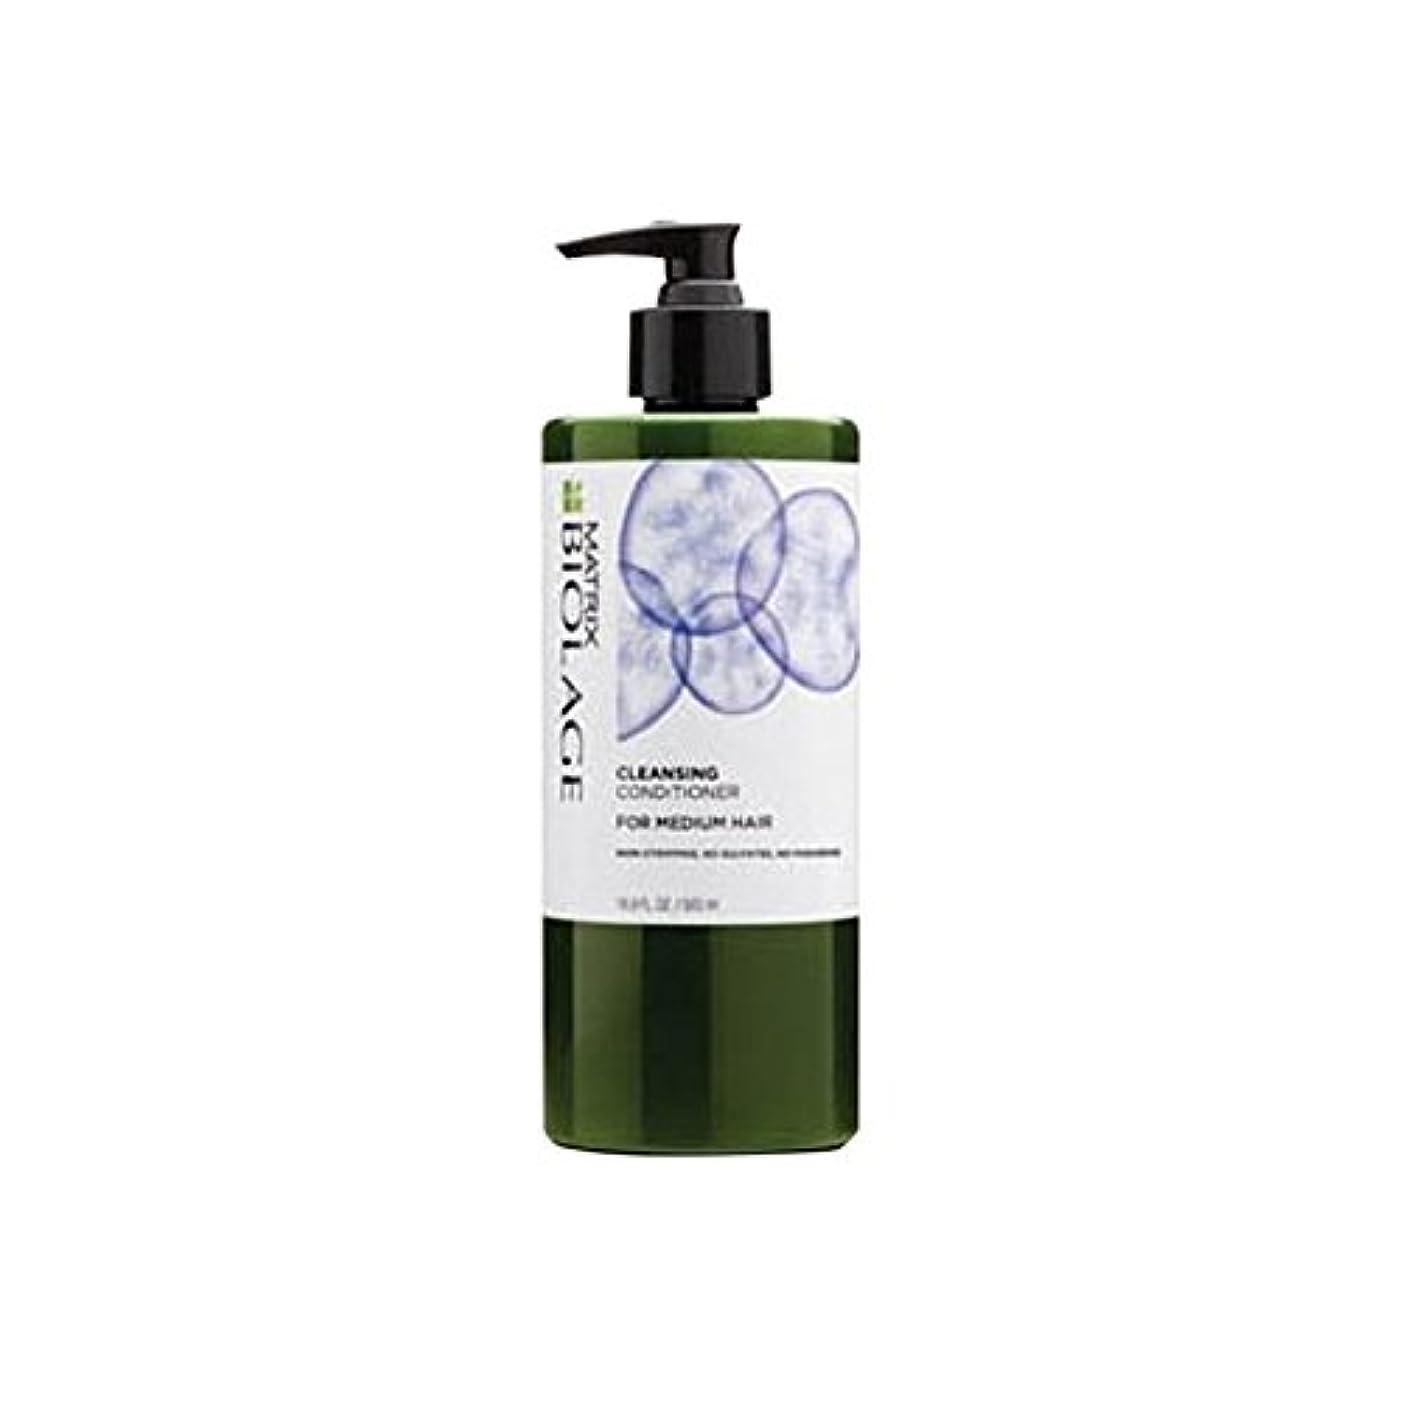 ぼろ海峡説明的マトリックスバイオレイジクレンジングコンディショナー - メディア髪(500ミリリットル) x2 - Matrix Biolage Cleansing Conditioner - Medium Hair (500ml)...